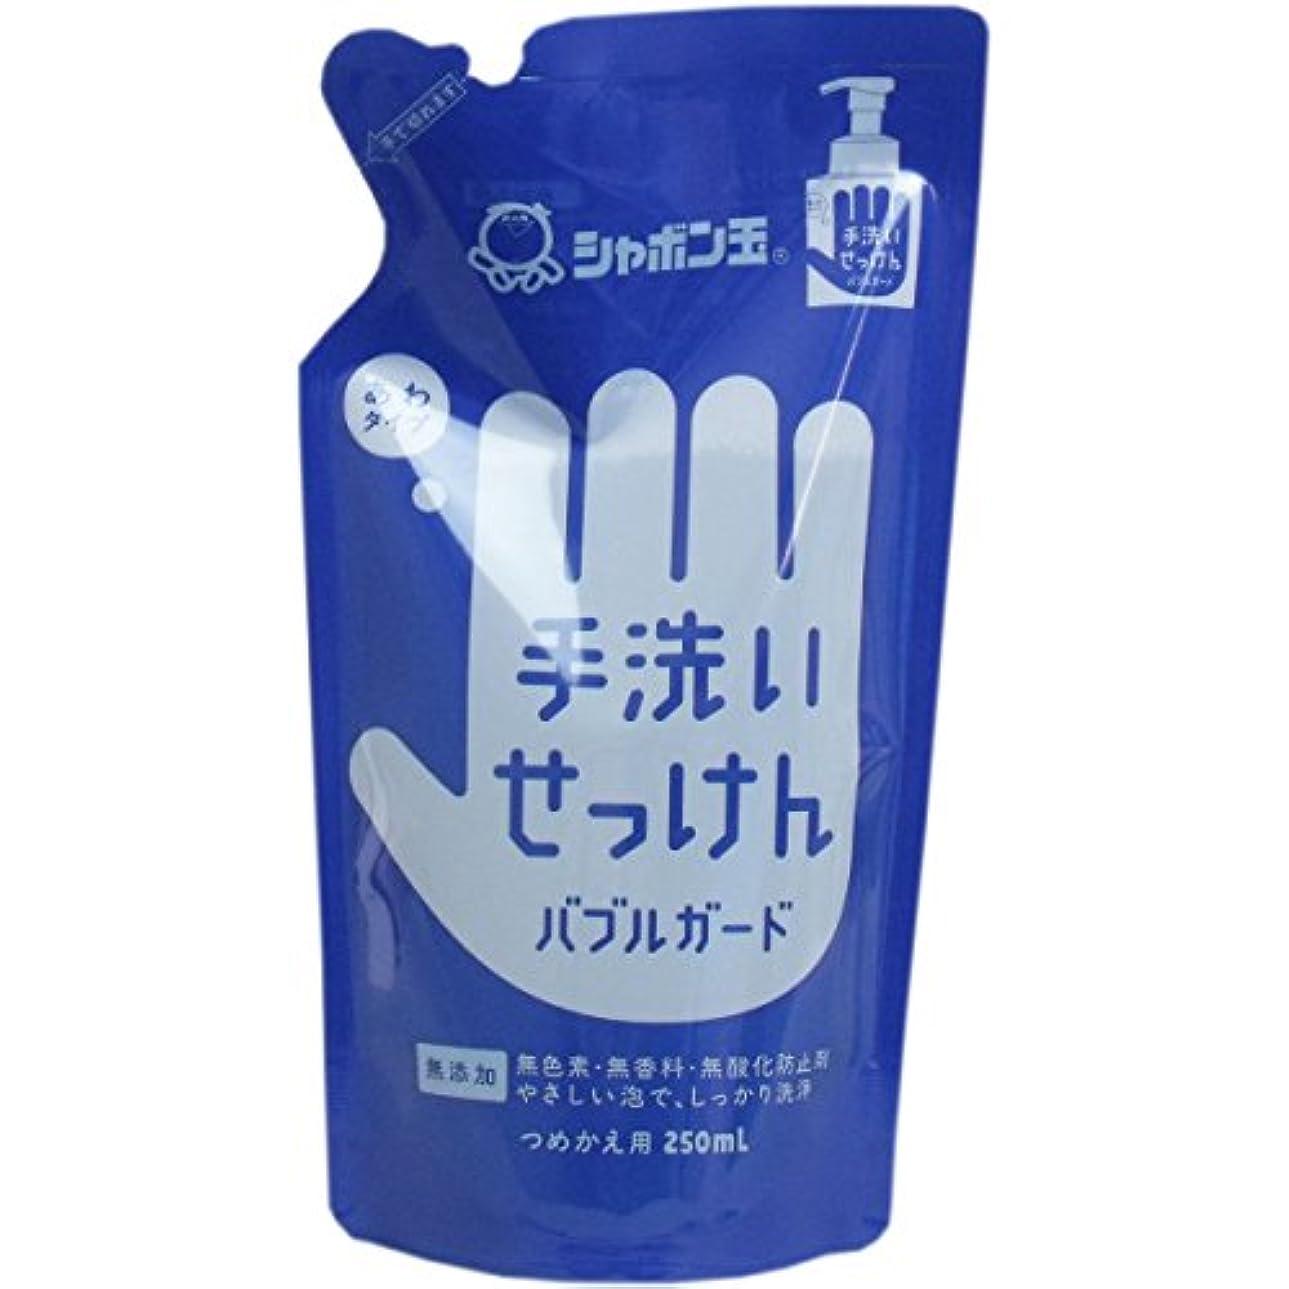 ヶ月目ハッピー経由でシャボン玉石けん 手洗いせっけん バブルガード 詰め替え用 250ml 【12個セット】